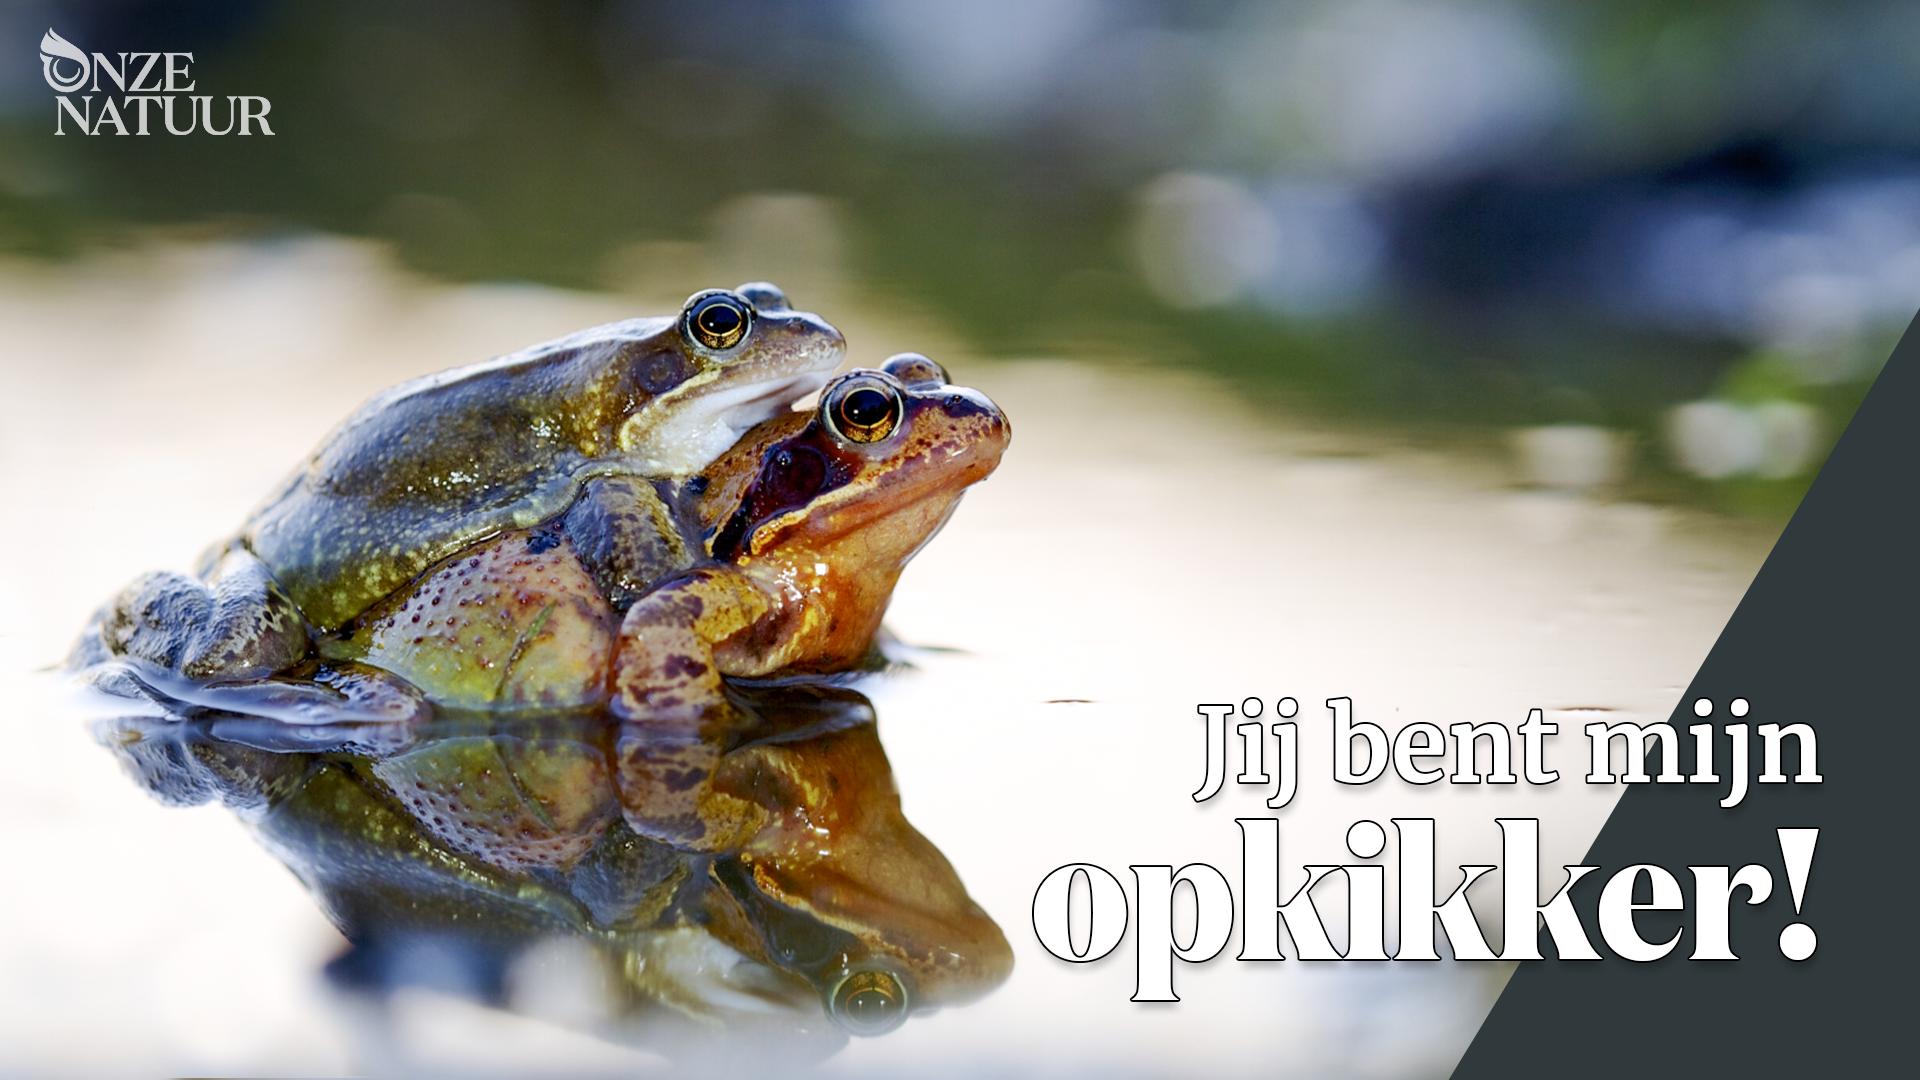 onze-natuur-complimentkaart-kikker.png